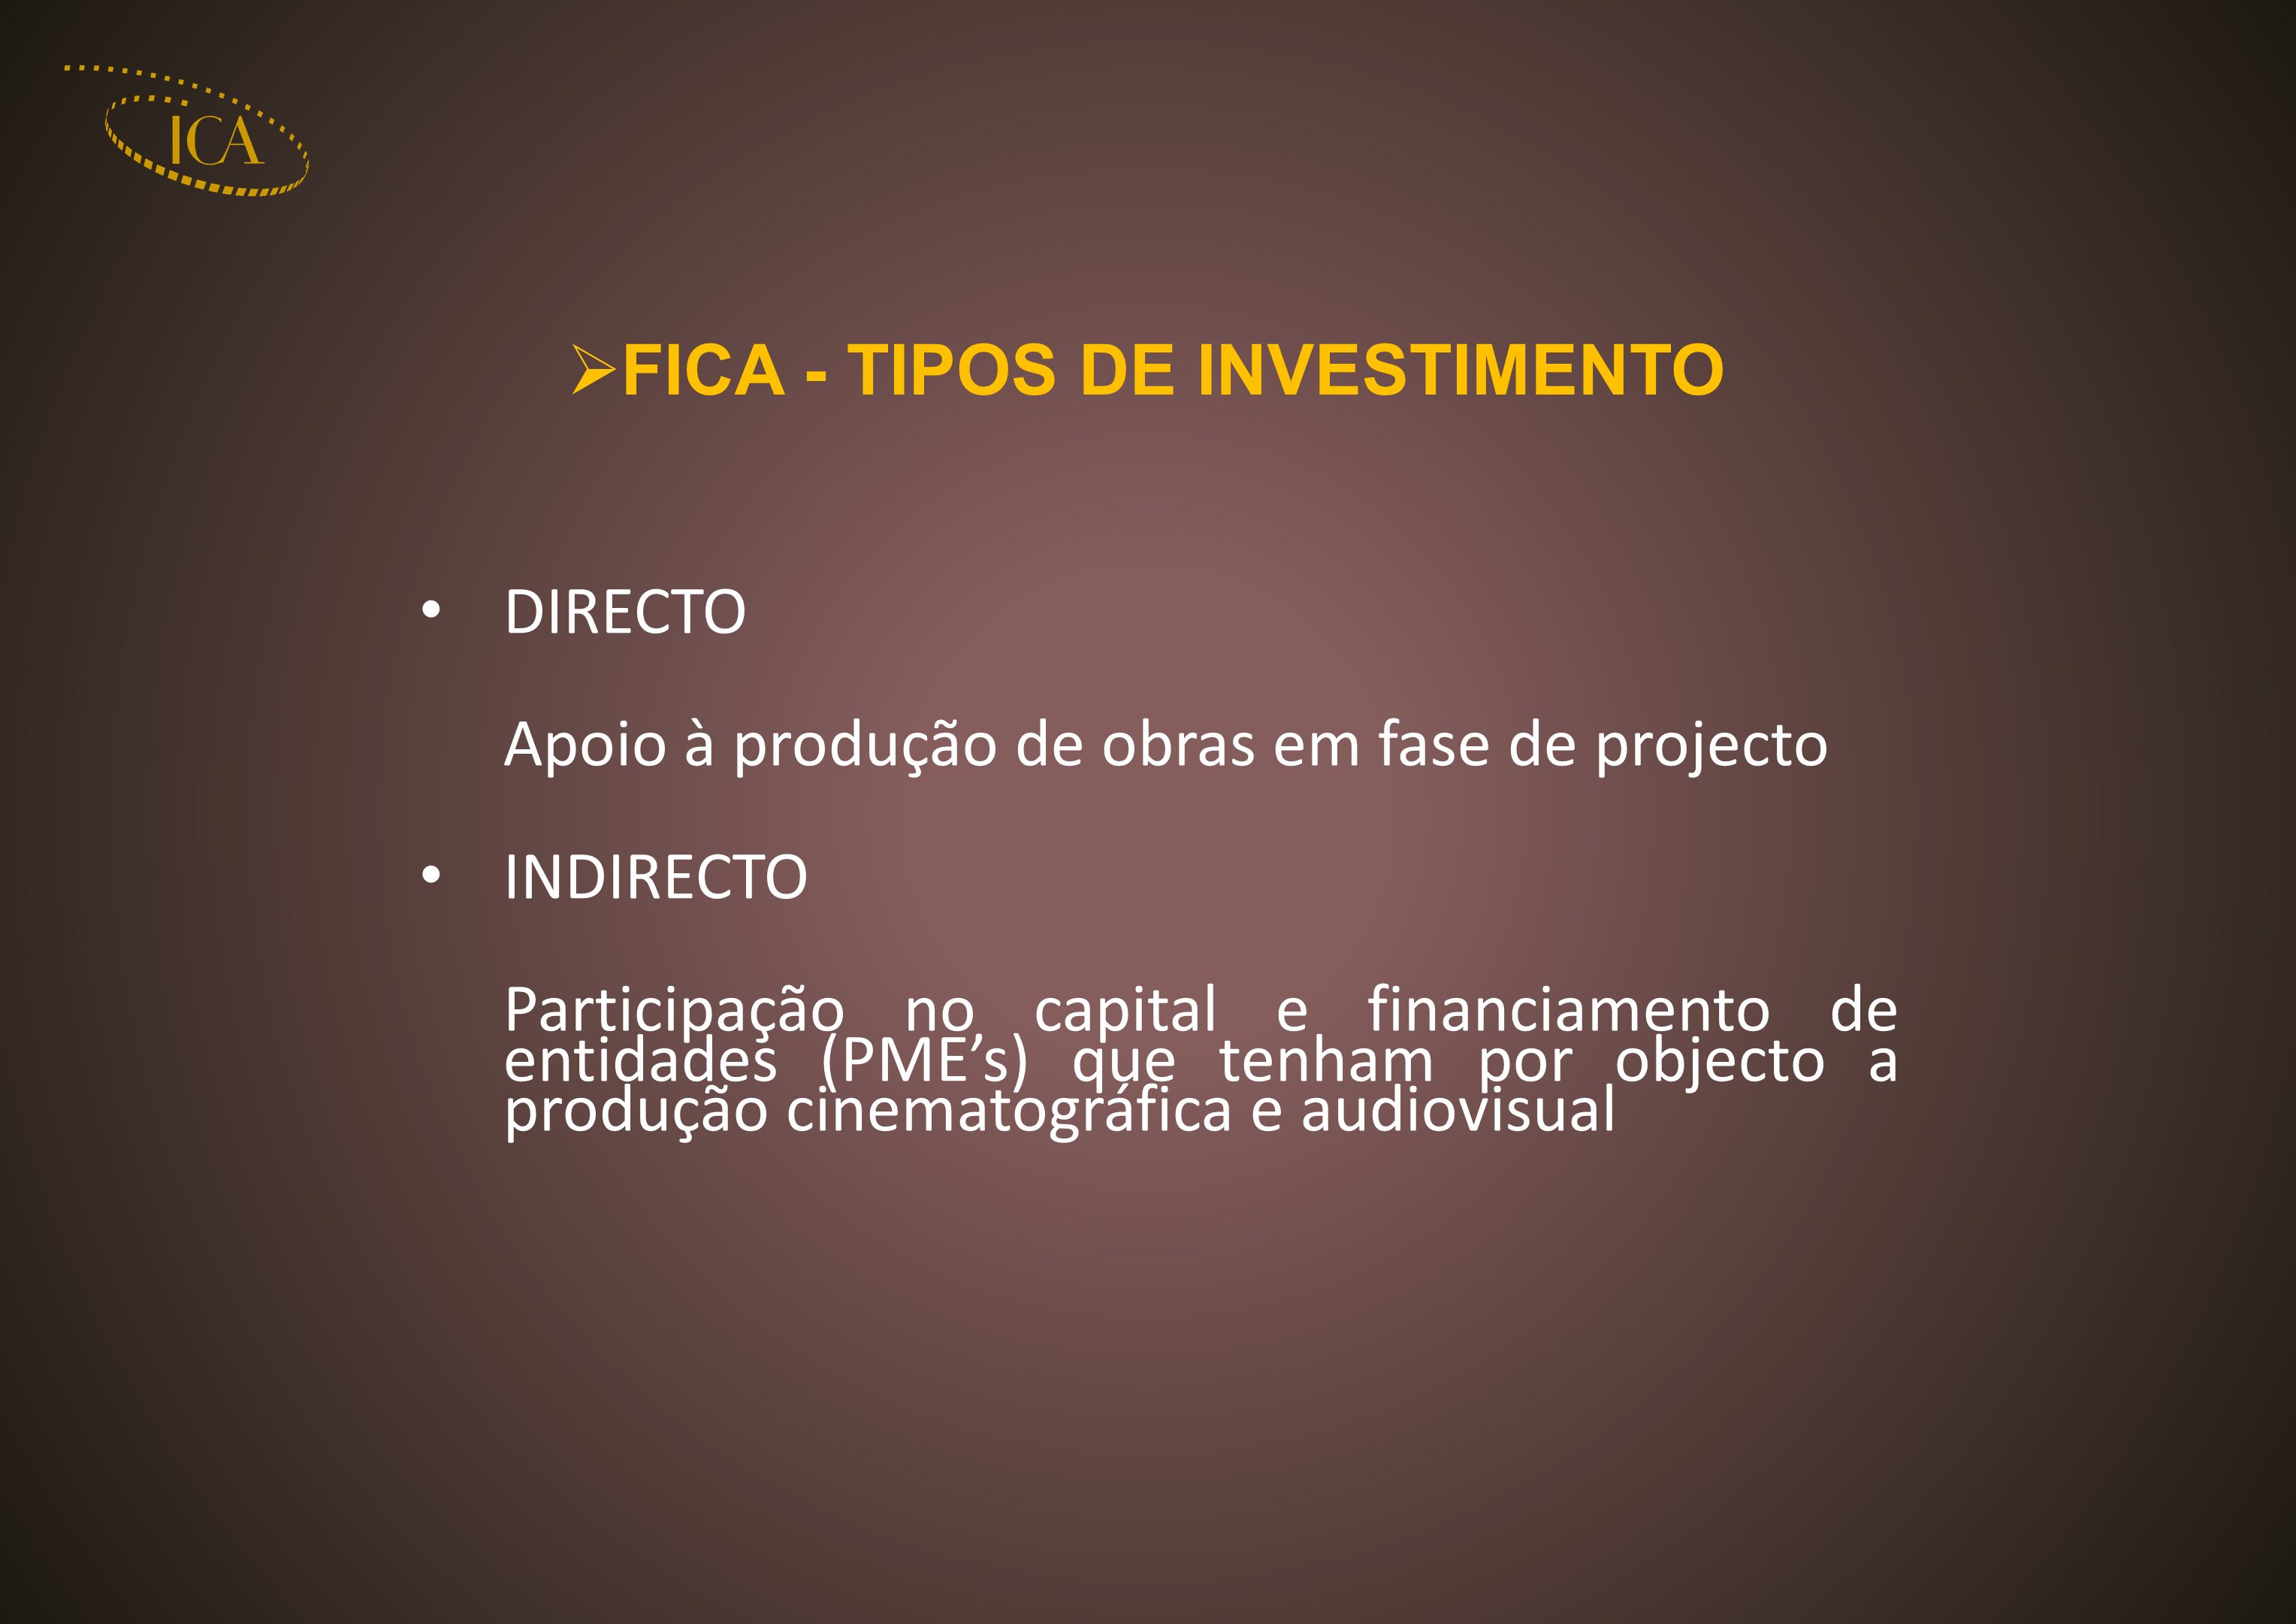 FICA - TIPOS DE INVESTIMENTO